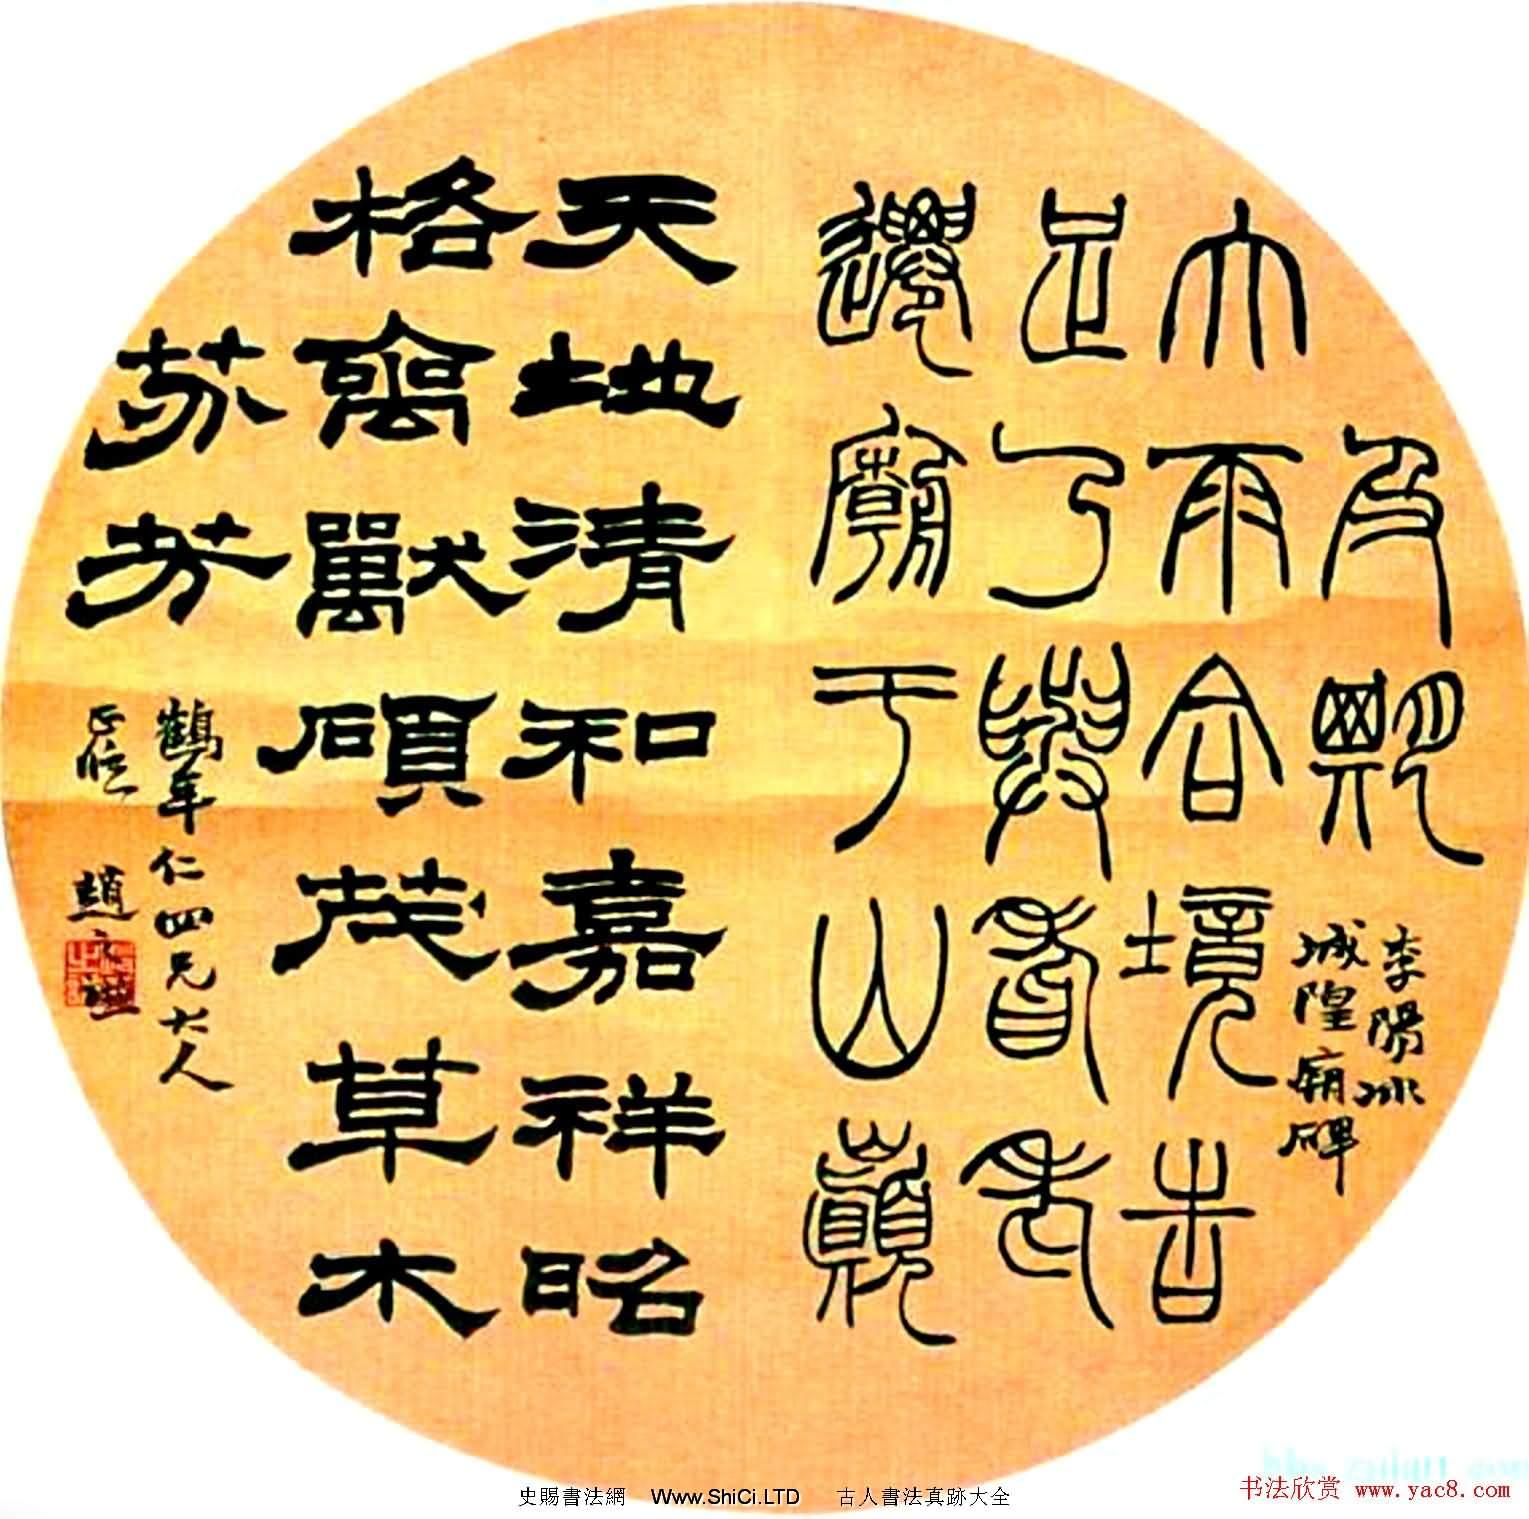 中國書法團扇作品真跡展示欣賞(共62張圖片)